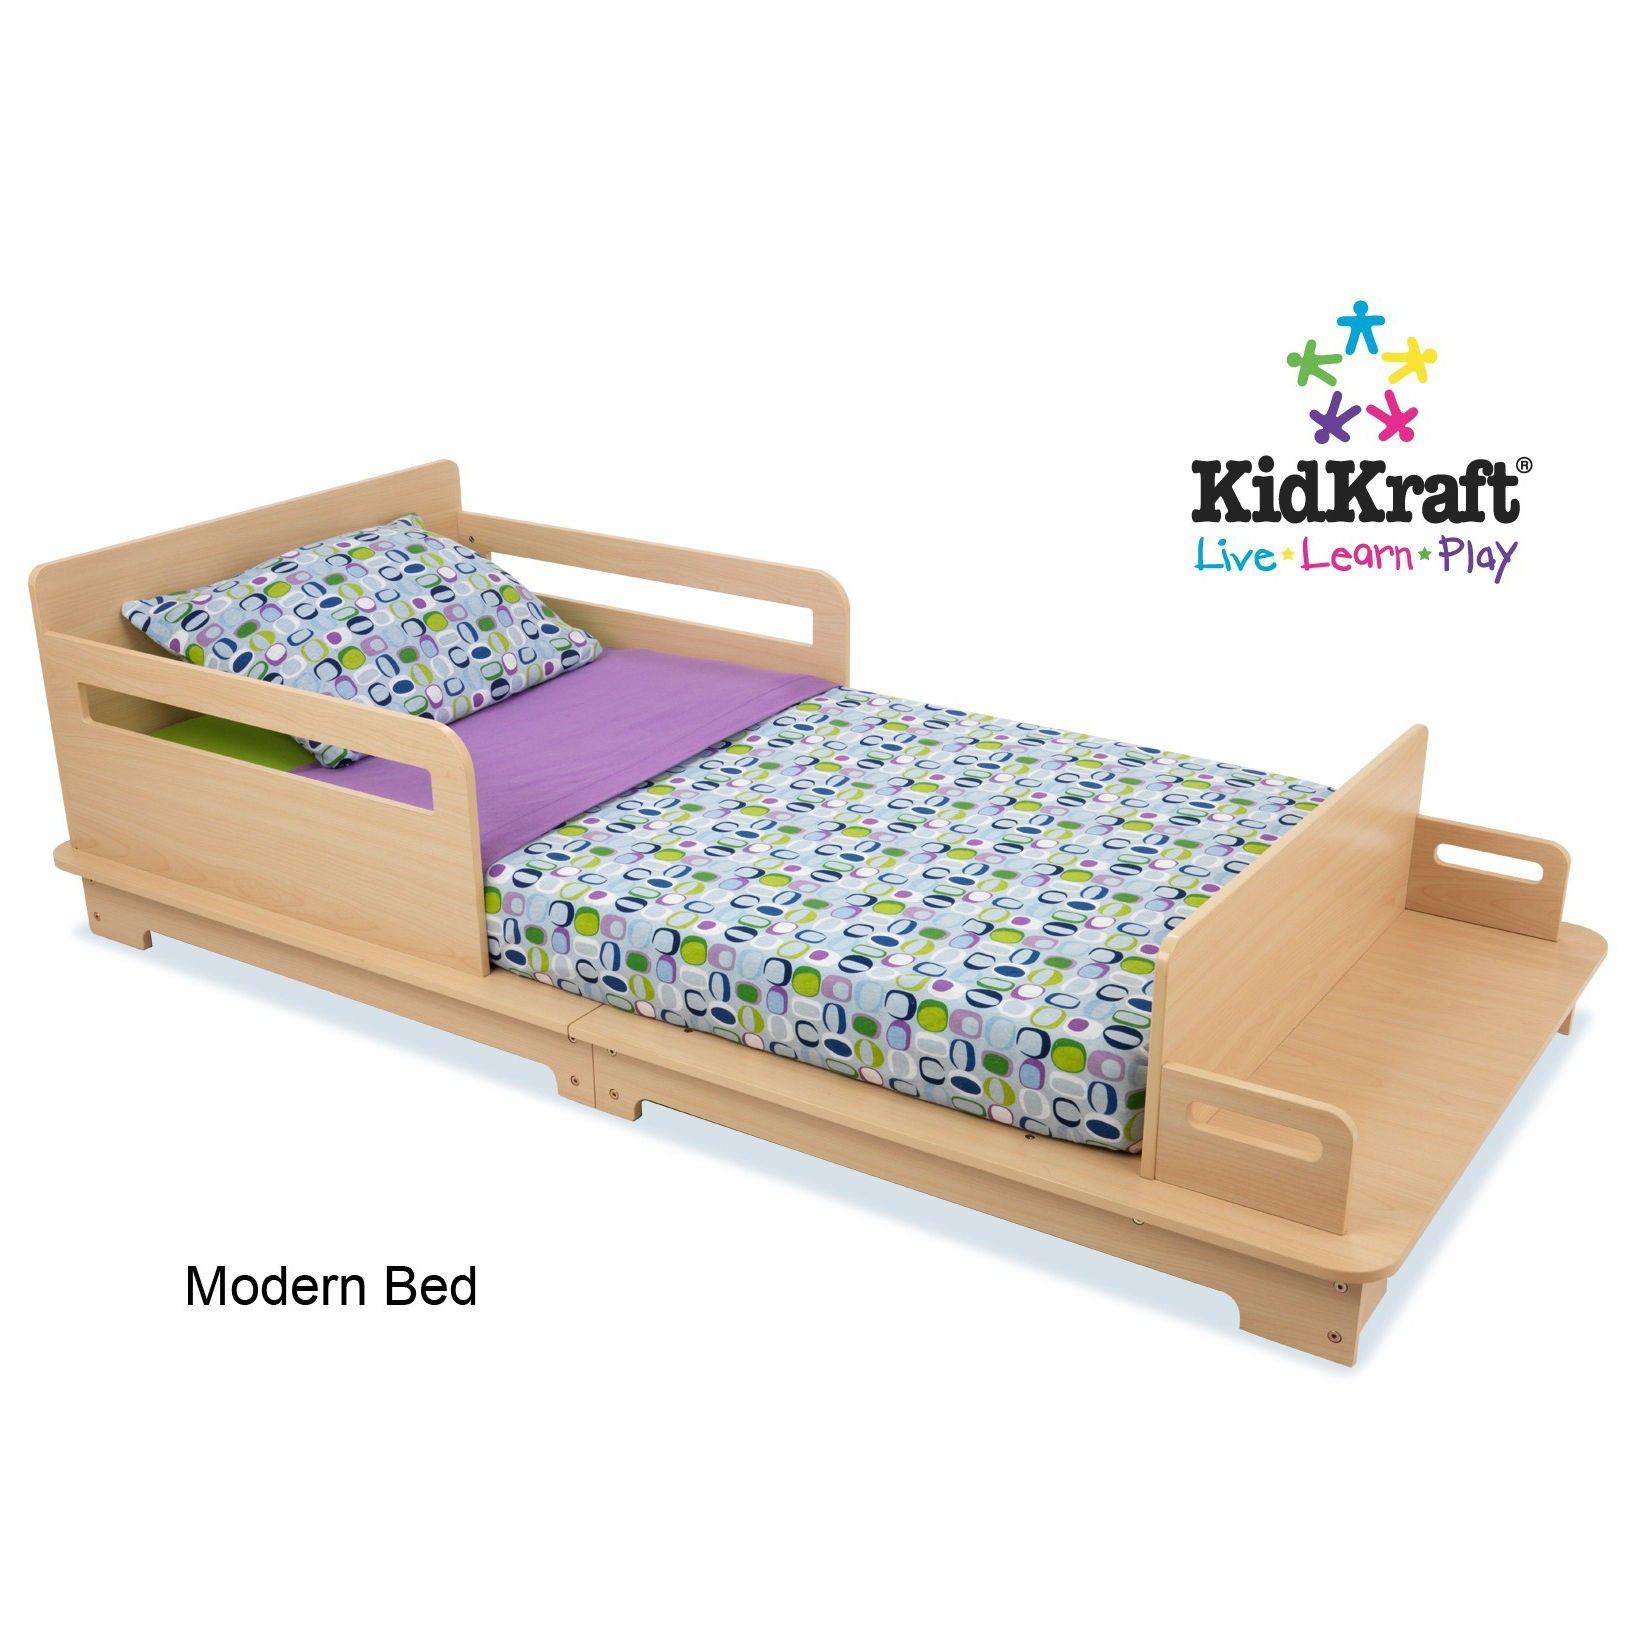 kidkraft modern toddler bed    toddler bed - mattress · kidkraft modern toddler